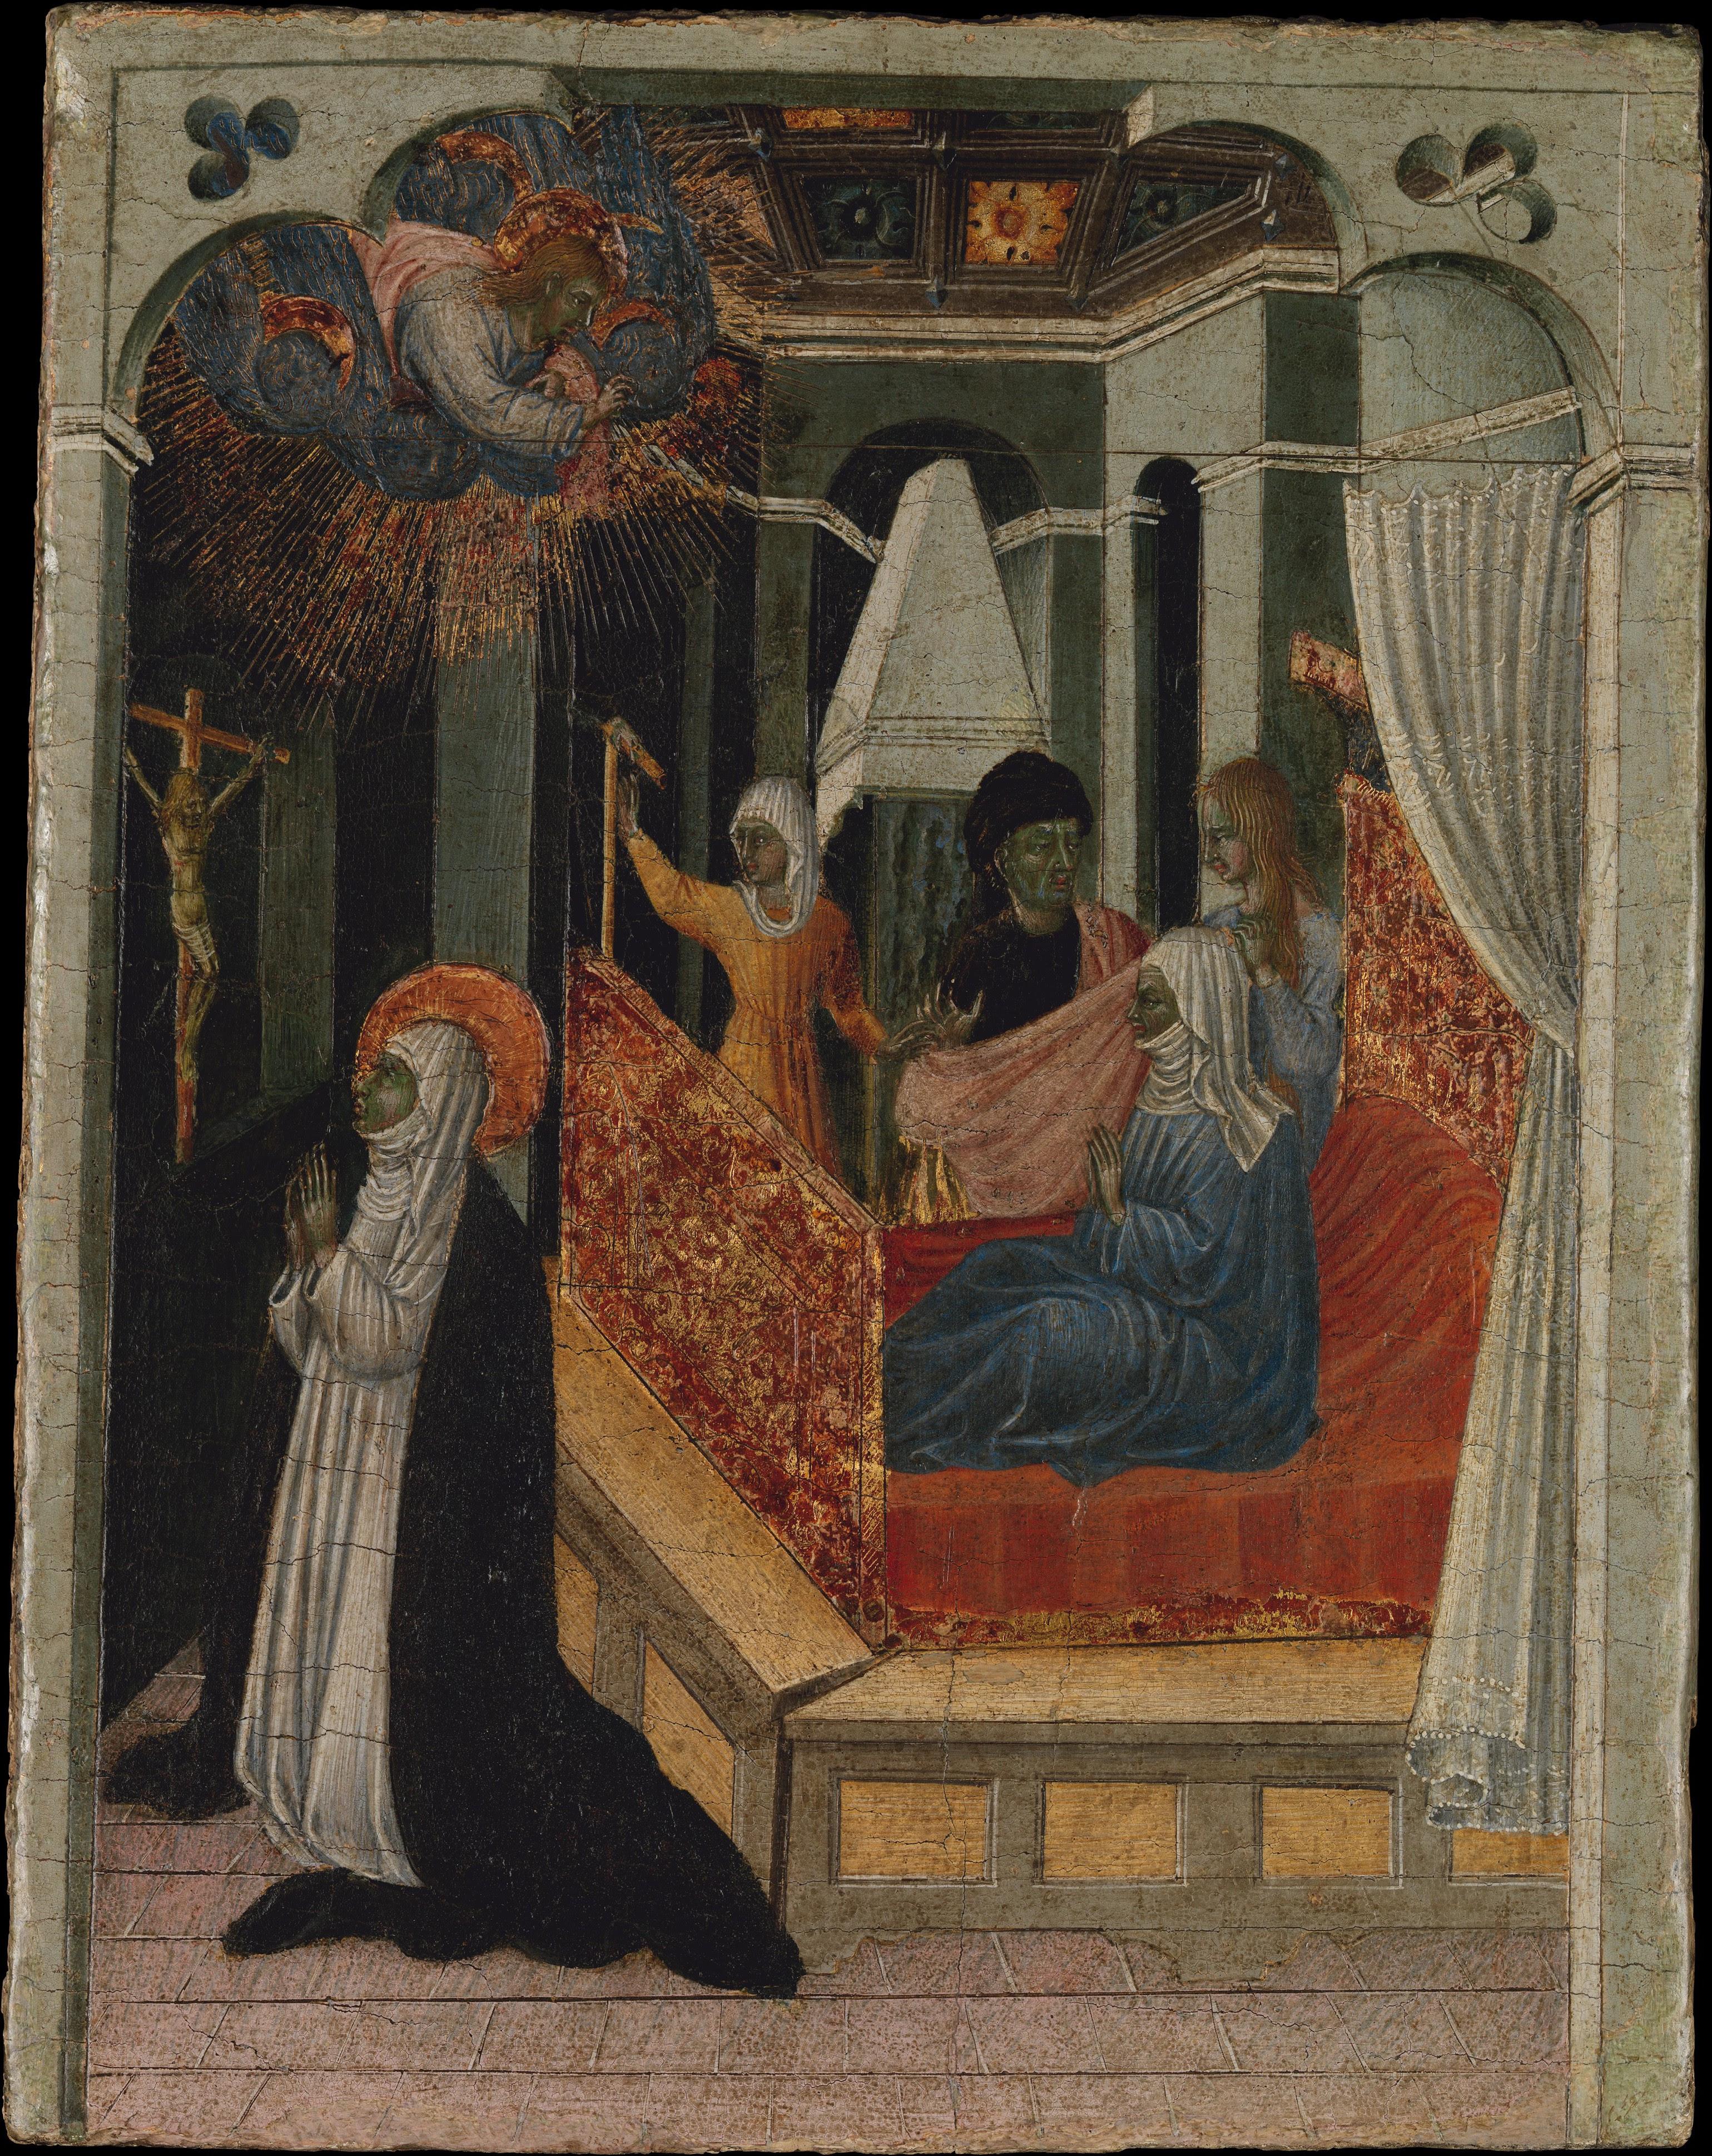 http://images.metmuseum.org/CRDImages/rl/original/DP366038.jpg